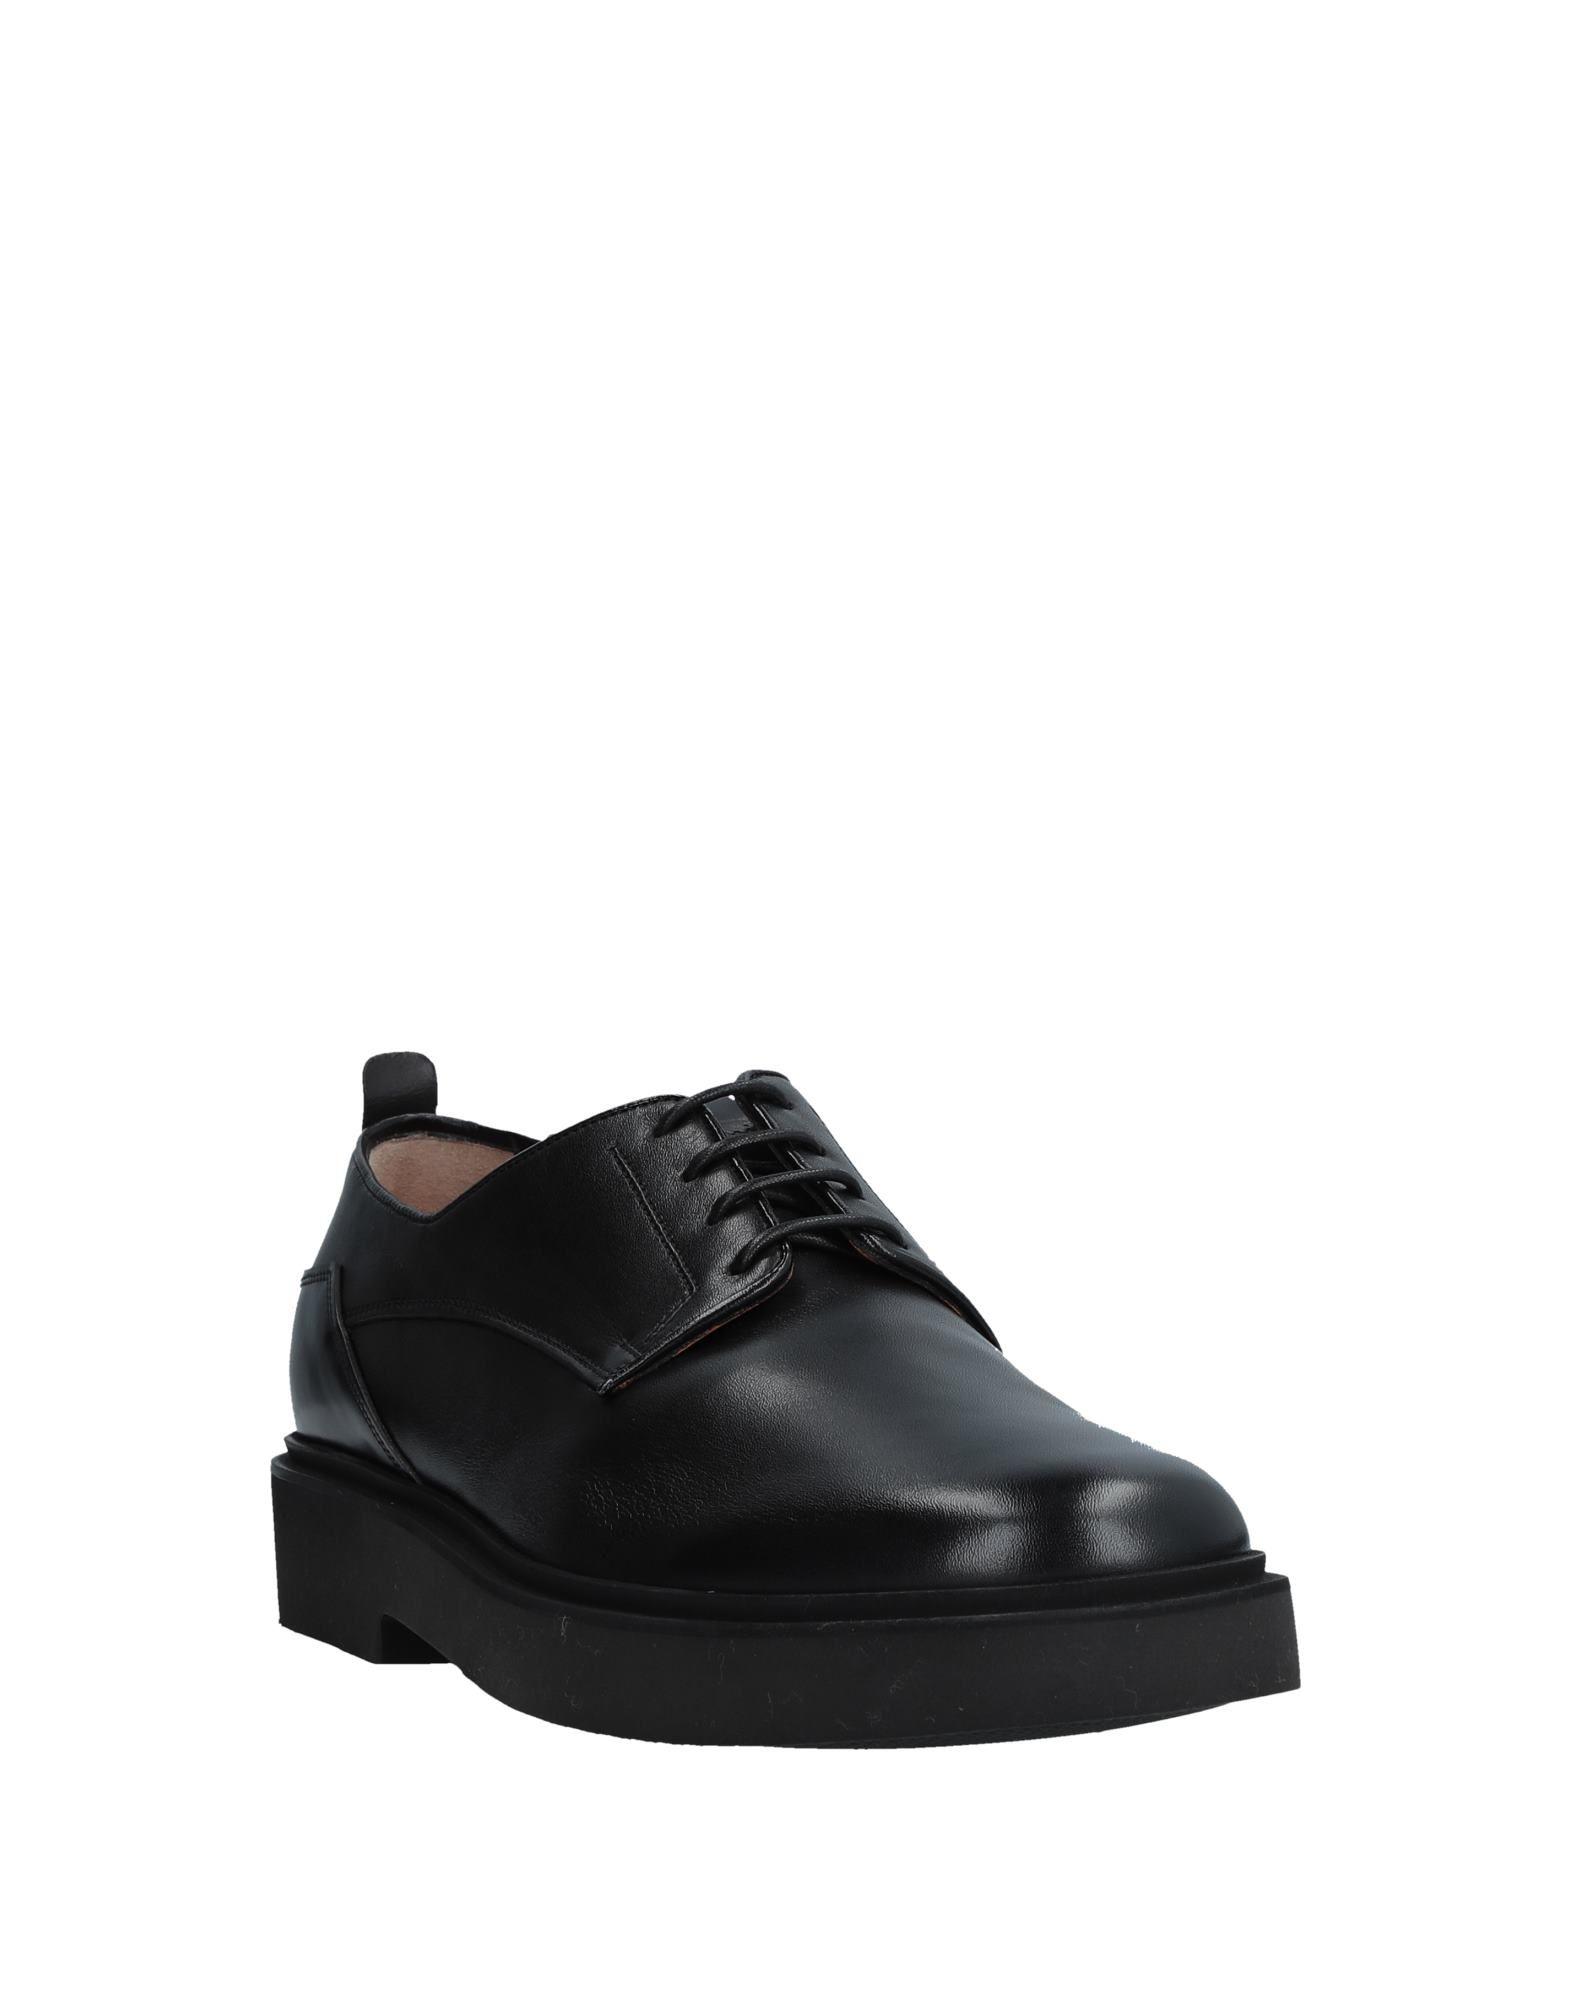 Santoni Schnürschuhe Herren Qualität  11542156FX Gute Qualität Herren beliebte Schuhe ab0545